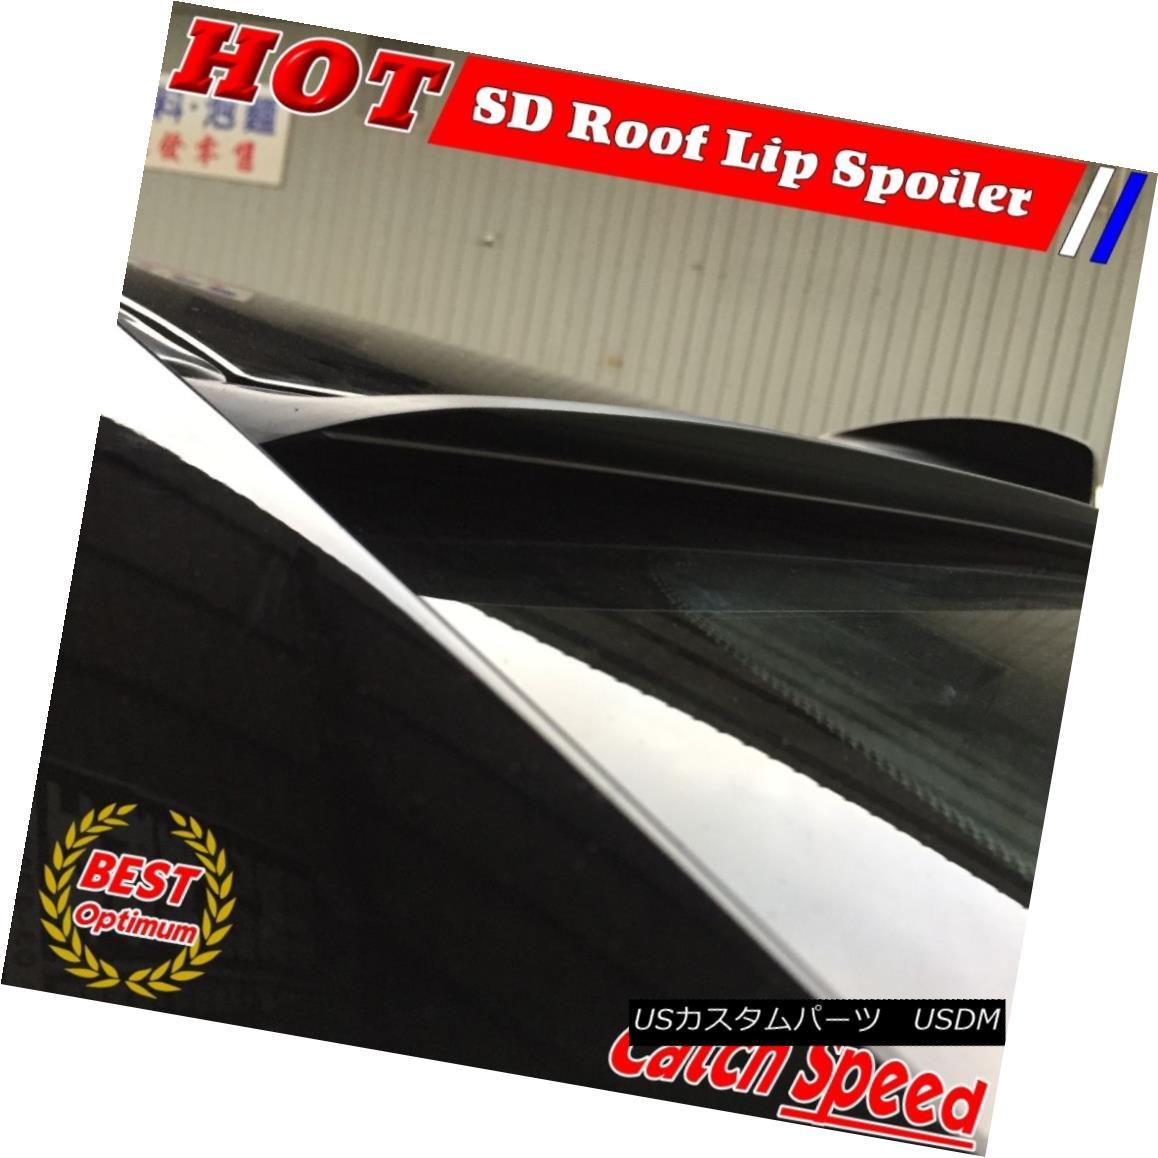 エアロパーツ Painted SD Type Rear Roof Spoiler Wing For Honda CIVIC 2001~2005 US Sedan Honda CIVIC用塗装済みSDタイプリアルーフスポイラーウイング2001?2005 USセダン